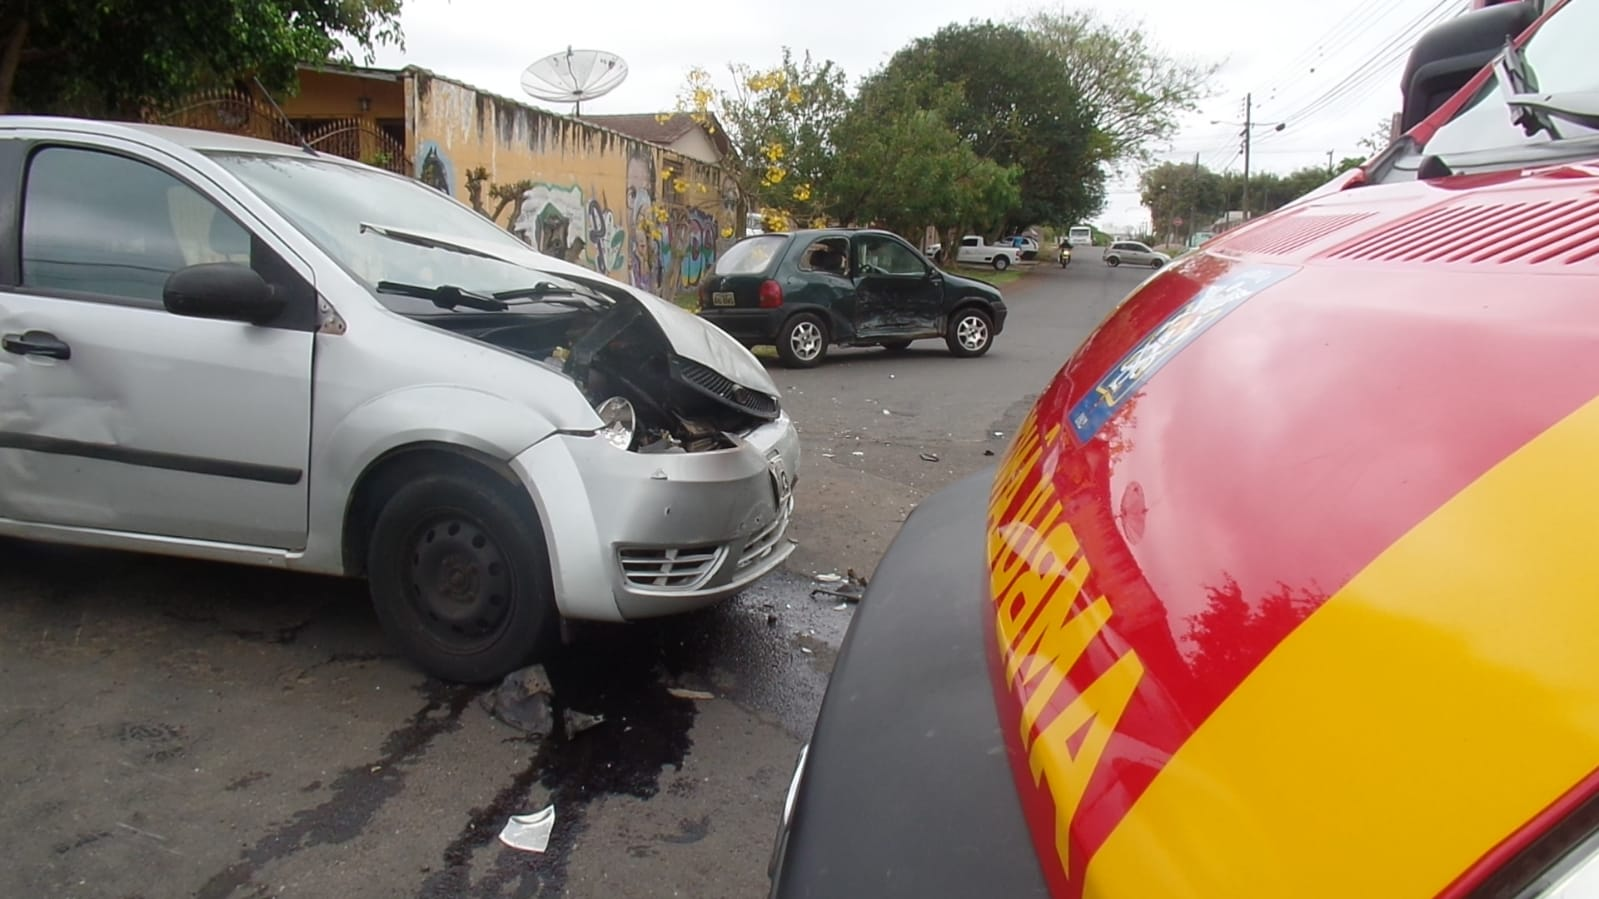 URGENTE: Grave colisão deixa duas mulheres feridas em Uvaranas